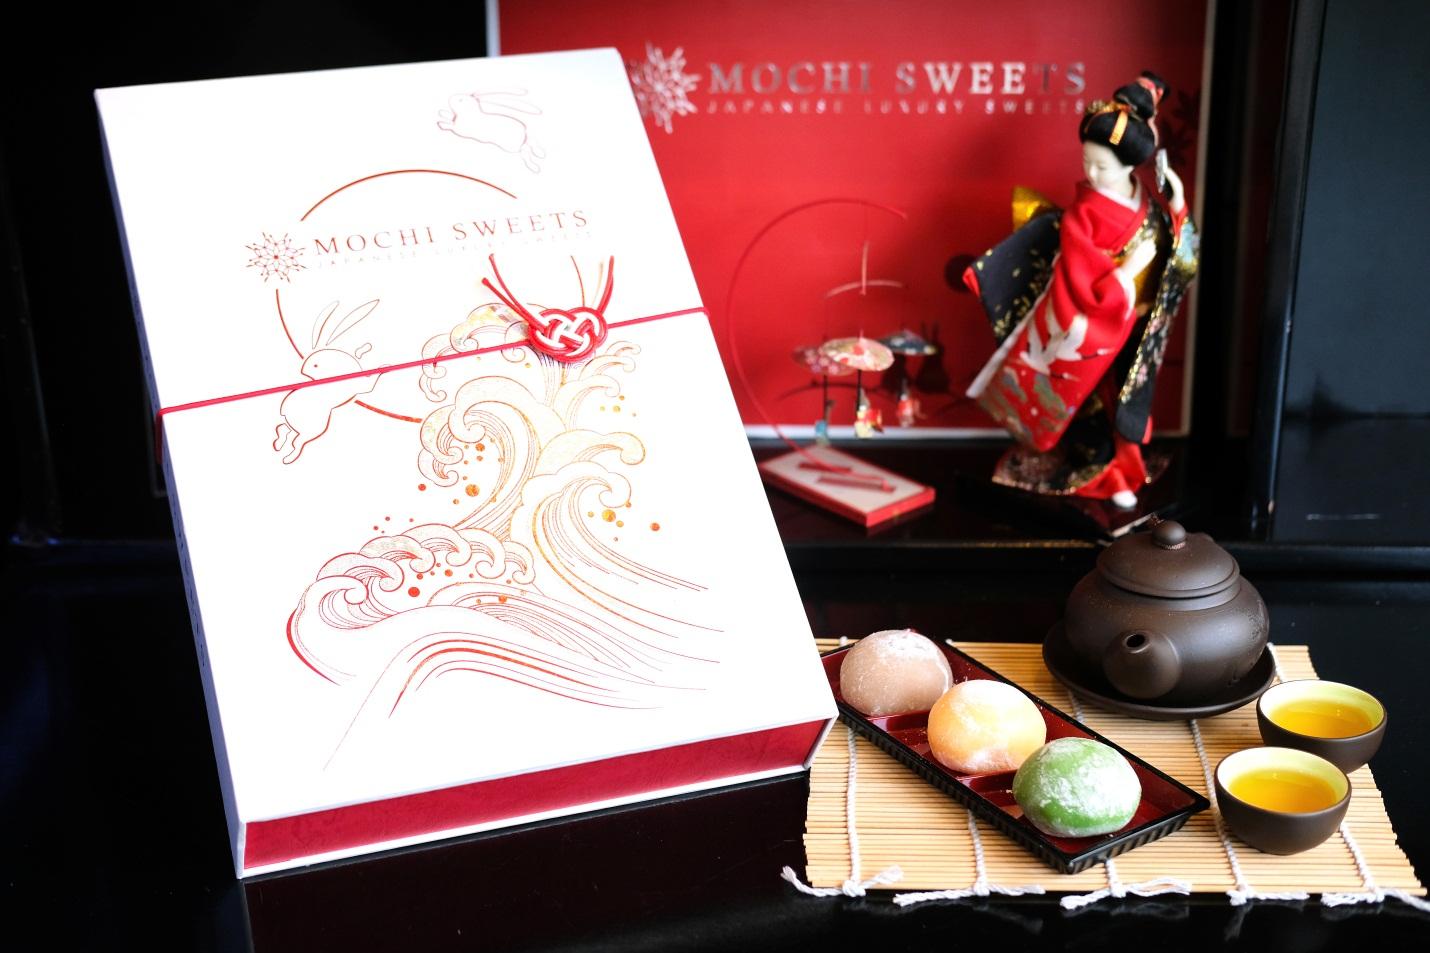 Hộp quà tặng Trung thu Mochi Sweets - Nét cổ truyền trong lòng hiện đại - Ảnh 6.